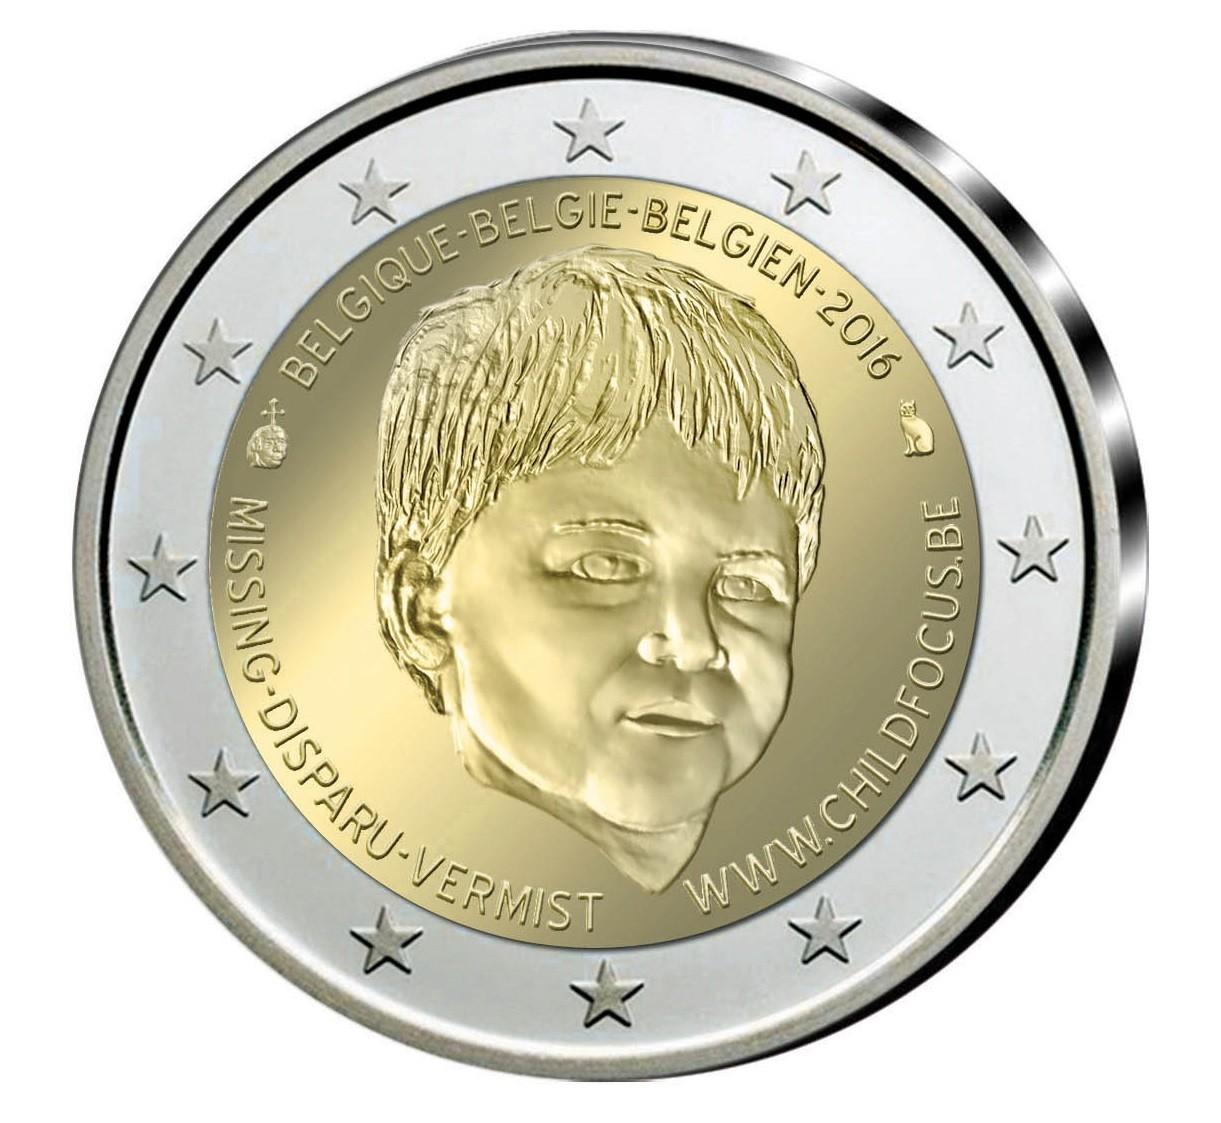 Belgium 2 euro 2016 Child focus PROOF in capsule #4811